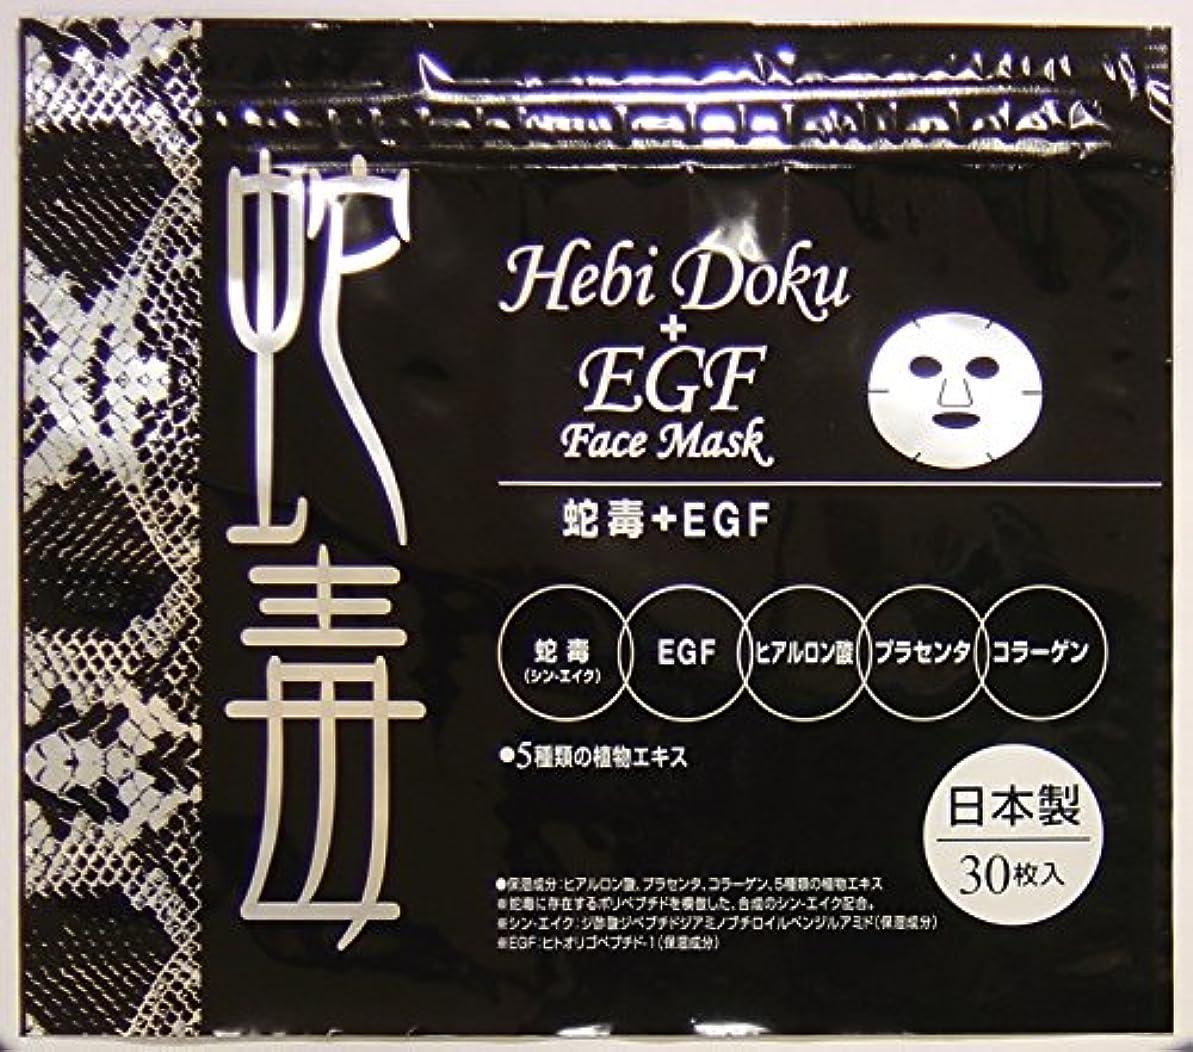 依存する血色の良いパンチヘビドクEGFフェイスマスク